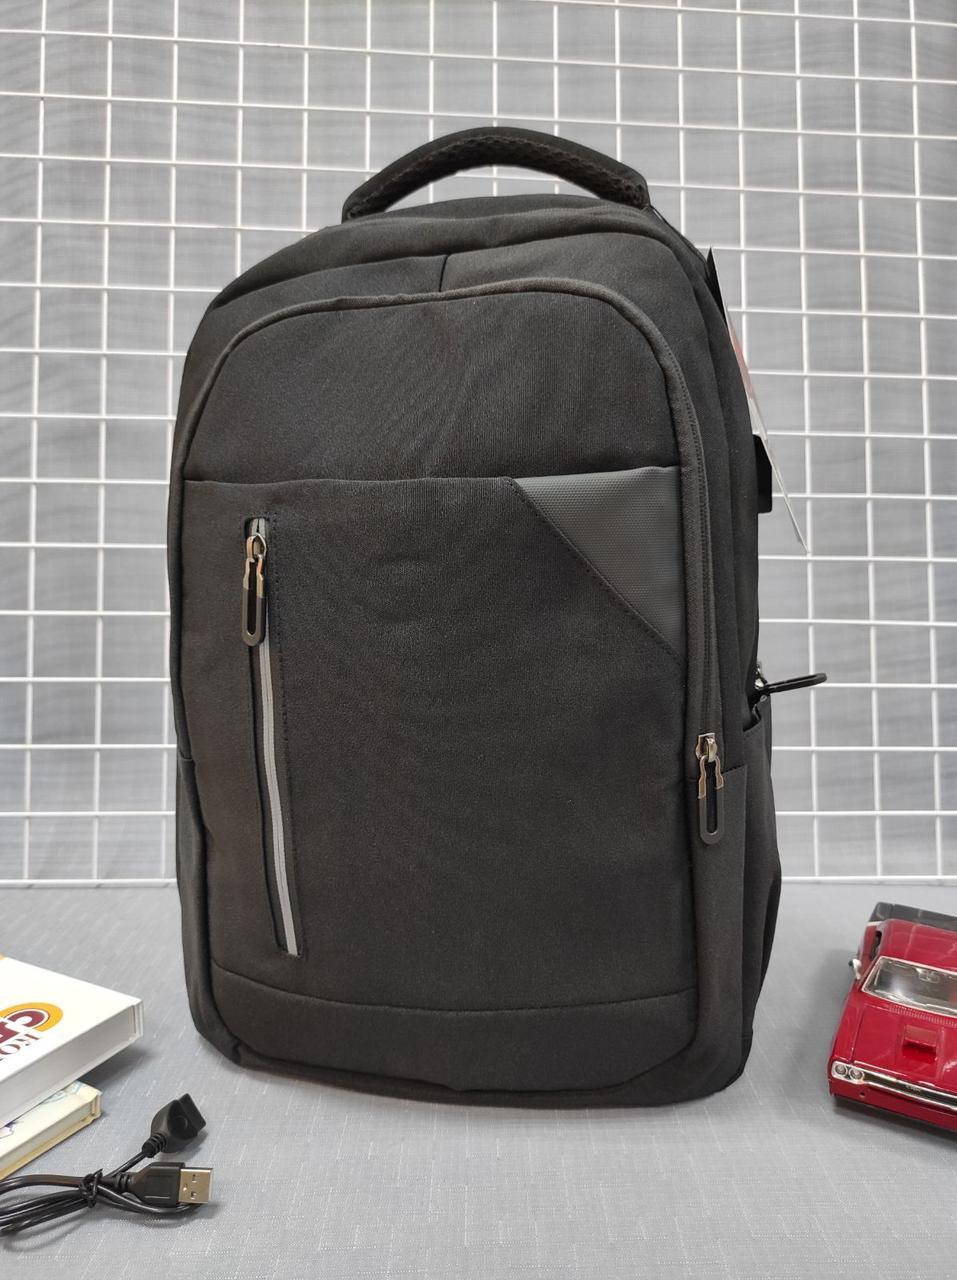 Рюкзак с USB портом для школы 44*28*13 см